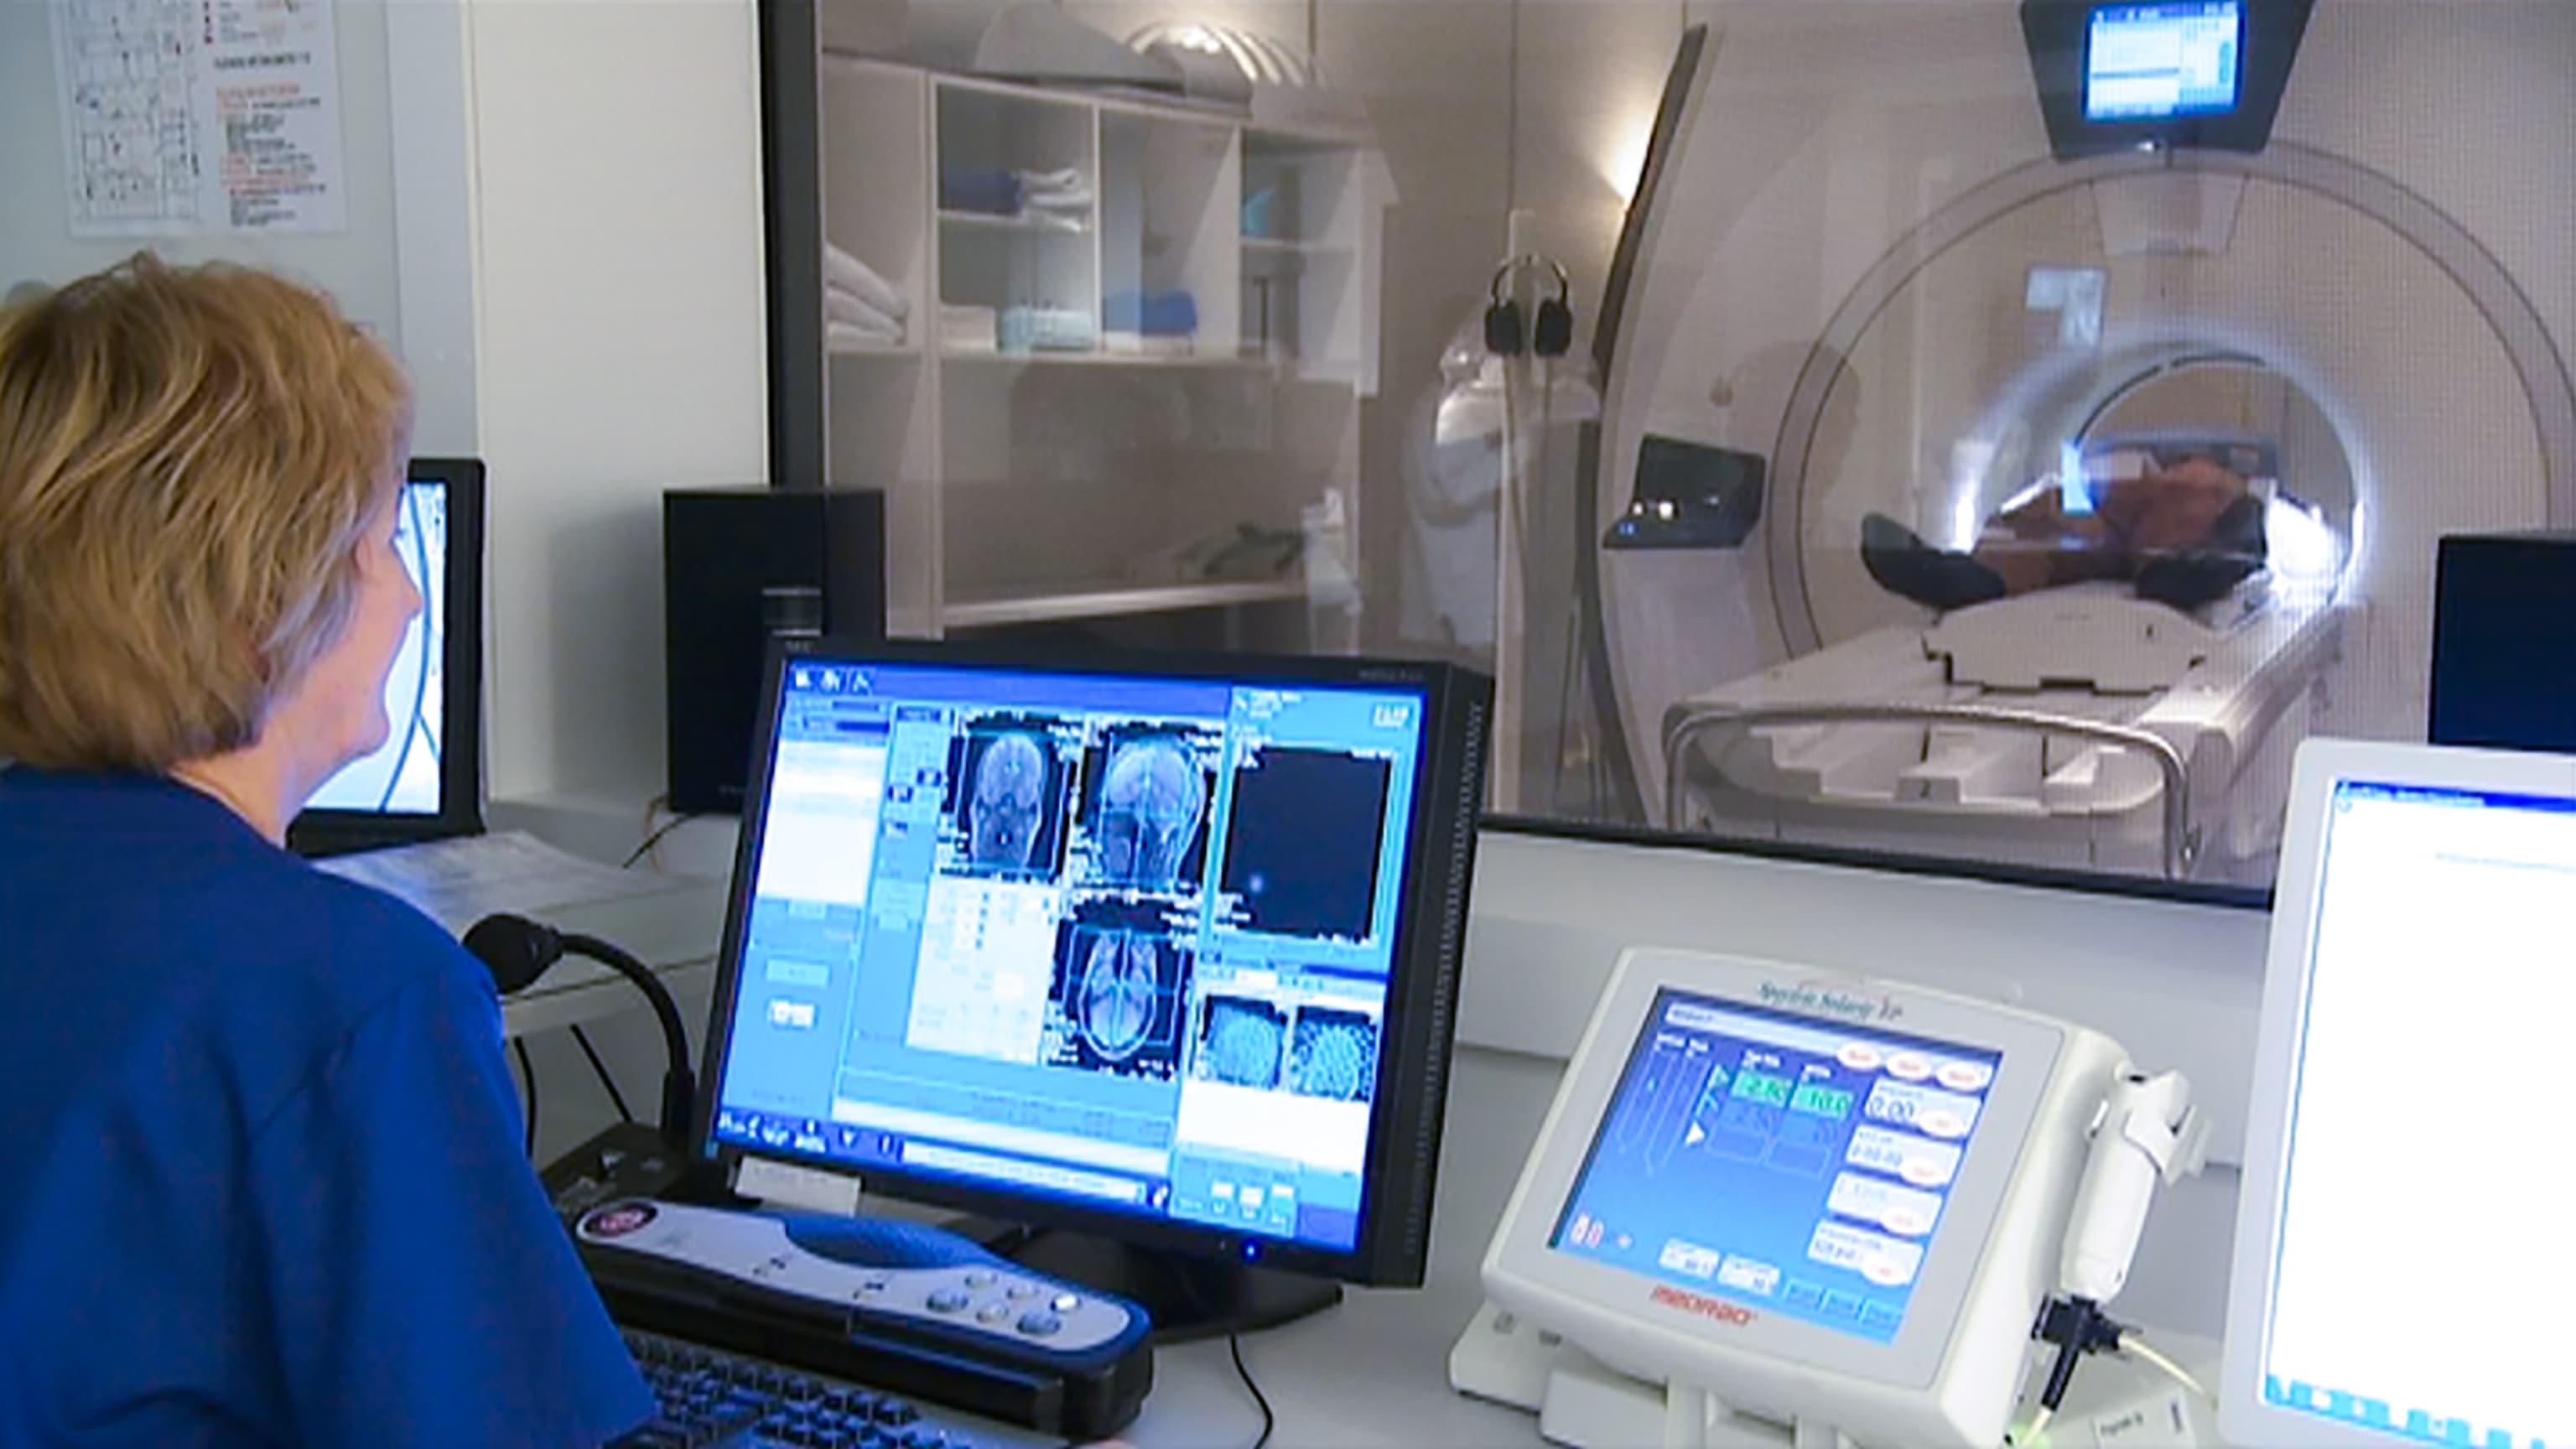 Magneettikuvauksen nopea yleistyminen on johtanut tarpeettomiin kuvauksiin  – OYS:ssa on tehty muutoksia magneettikuvauskäytäntöihin